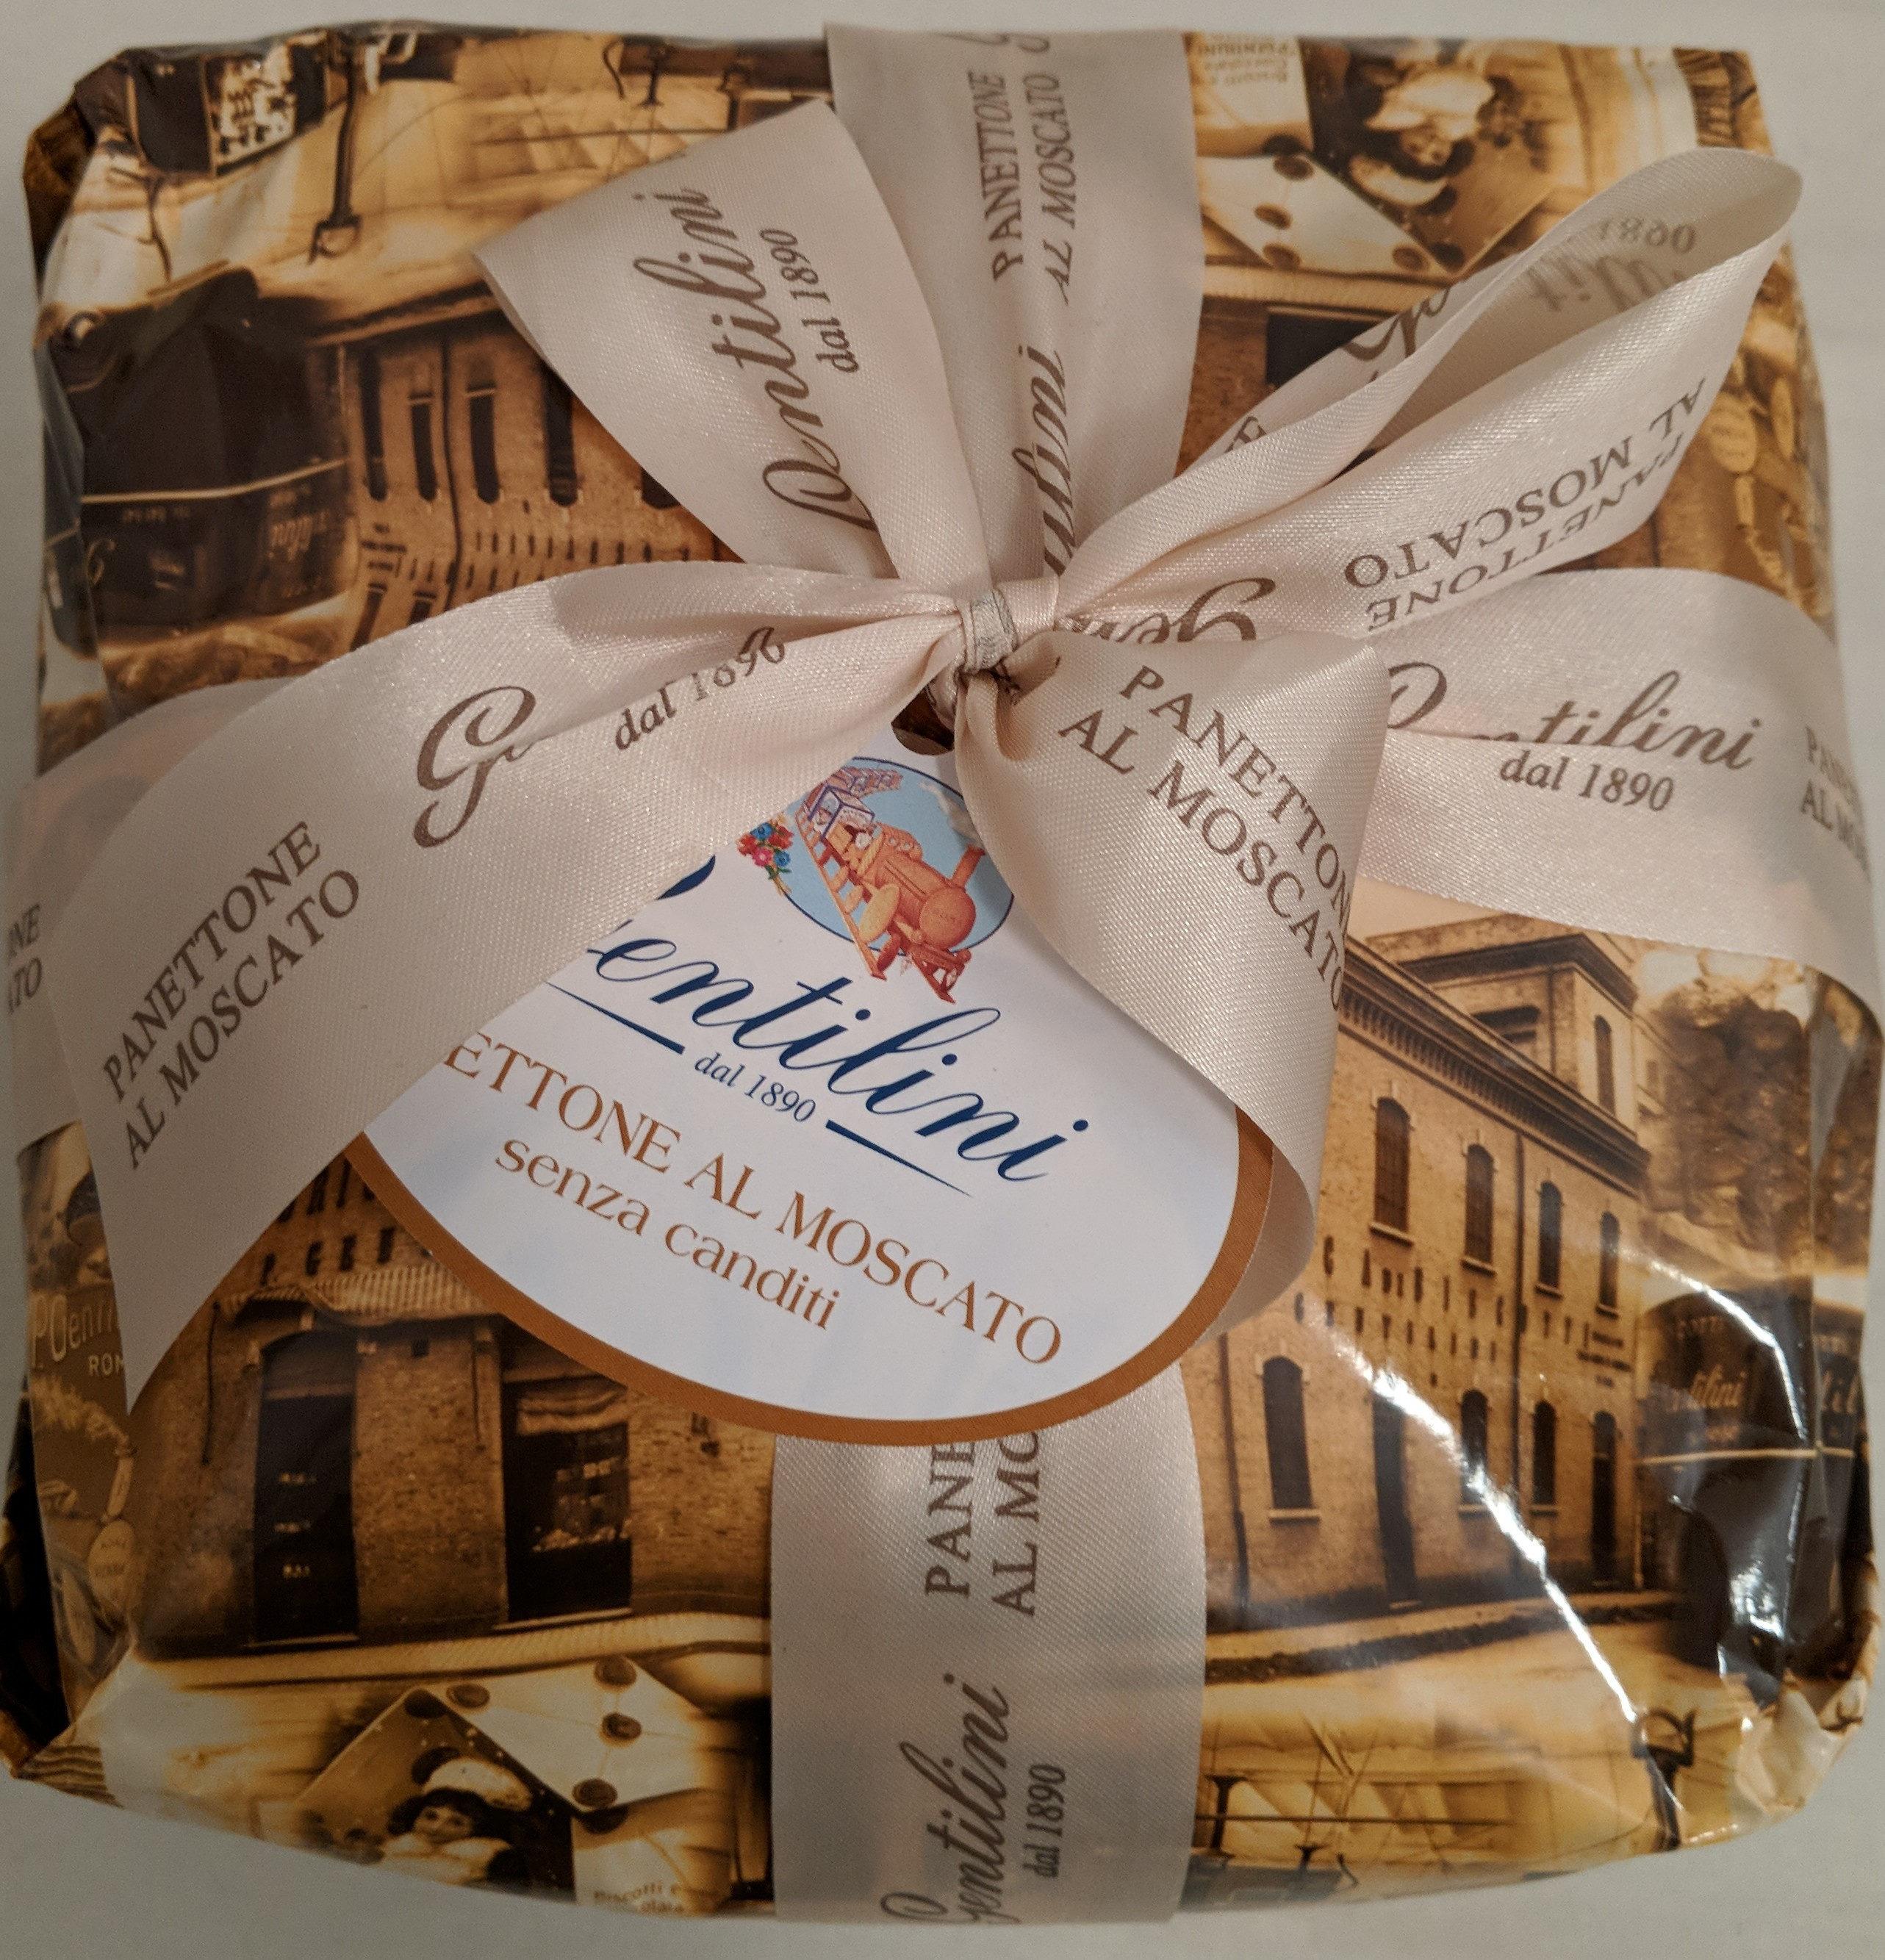 Panettone al Moscato senza canditi - Produit